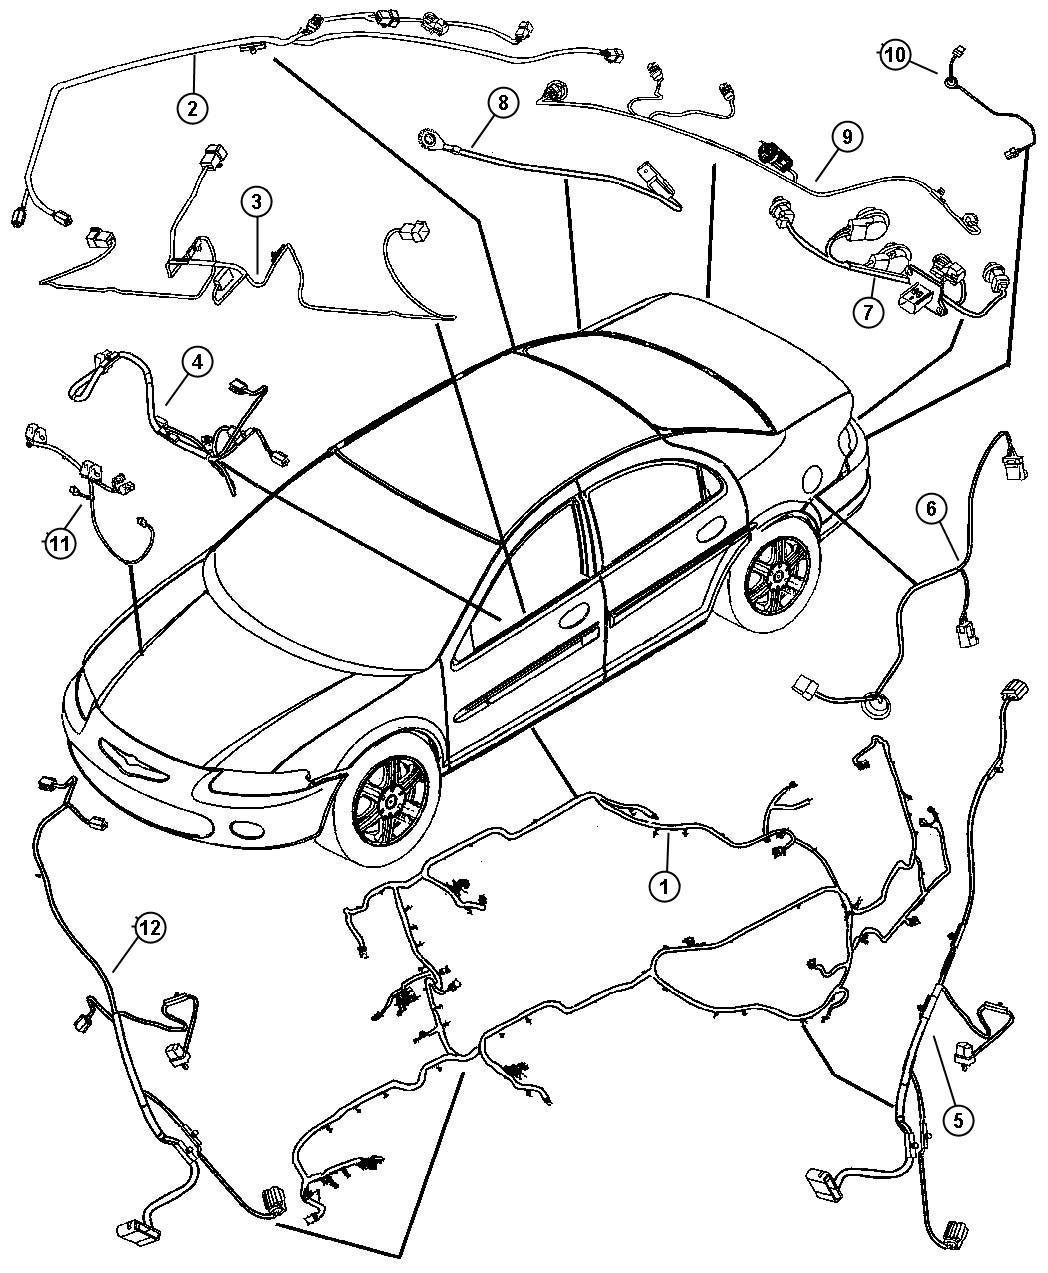 2006 dodge stratus lighting diagram